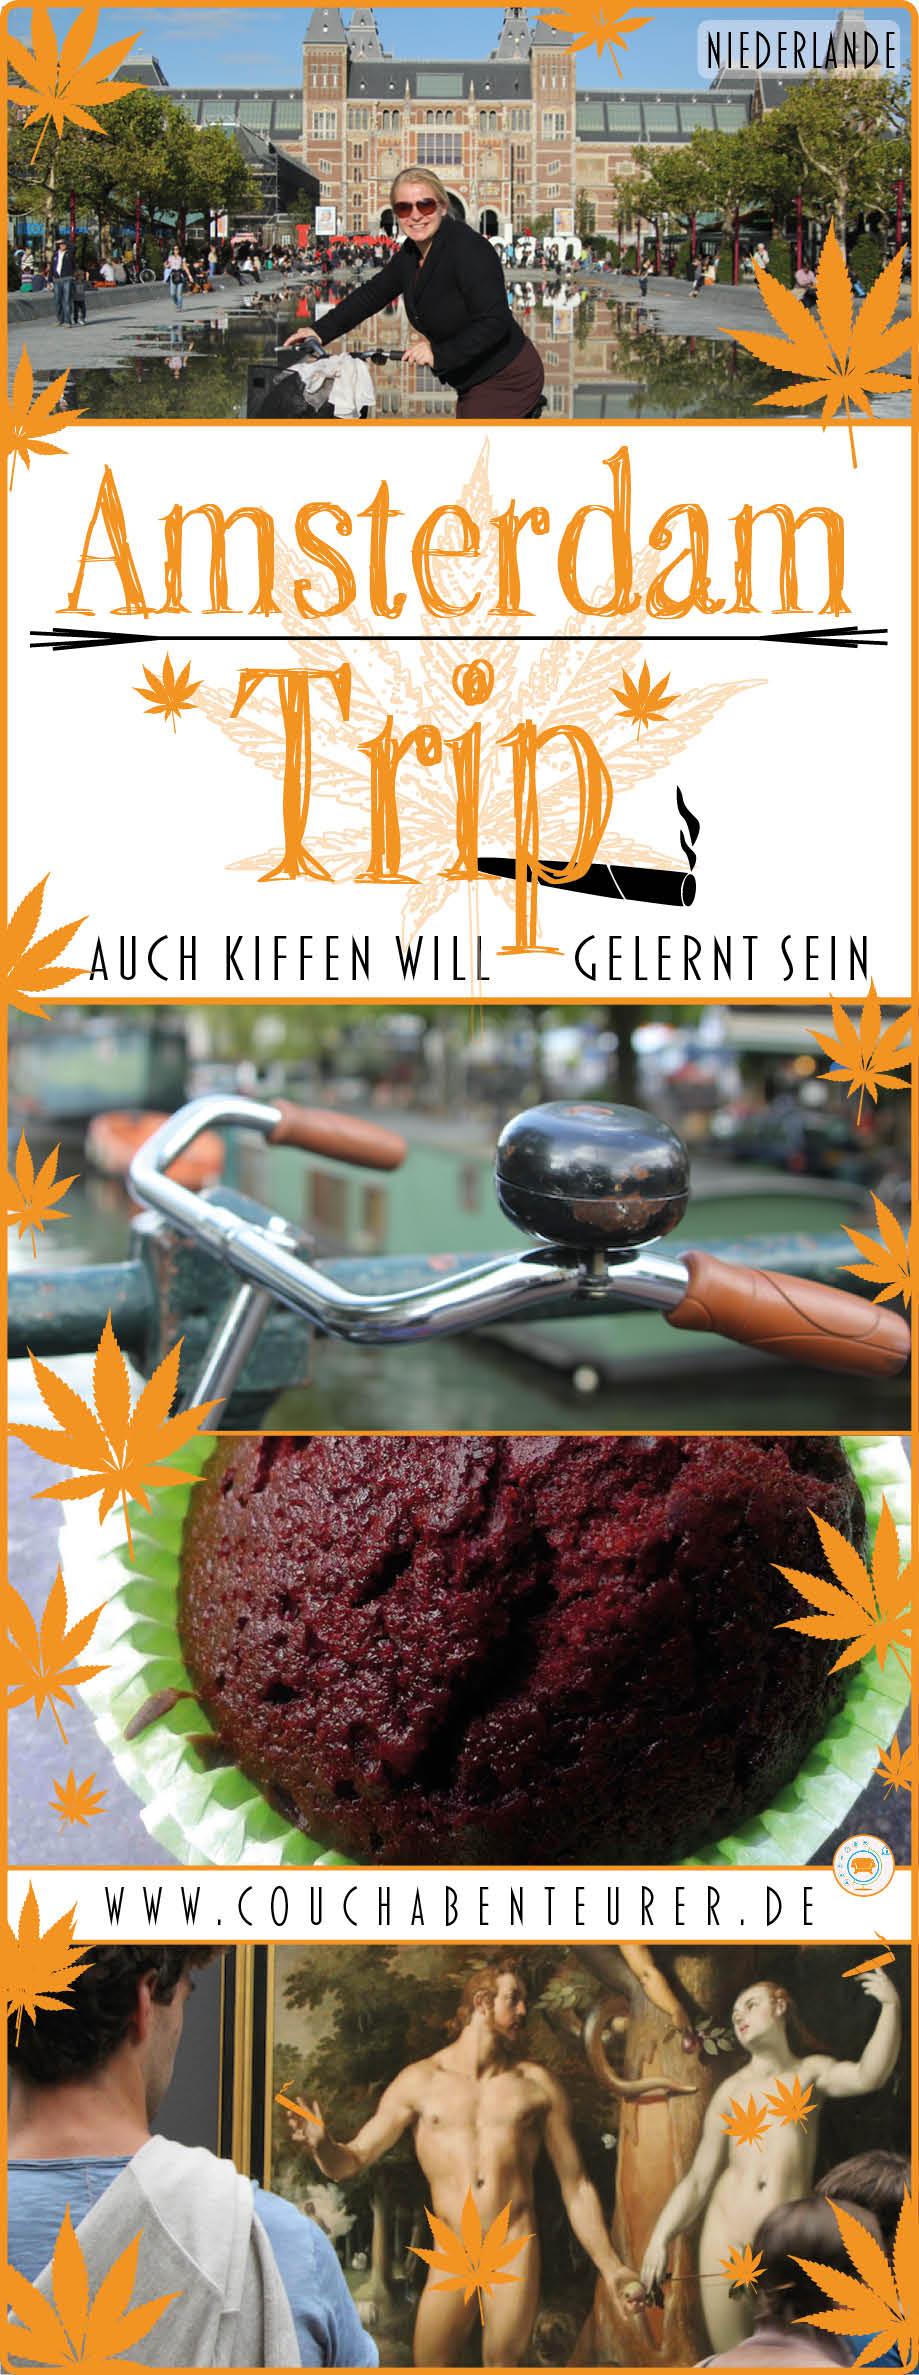 Amsterdam-trip-kiffen-will-gelernt-sein